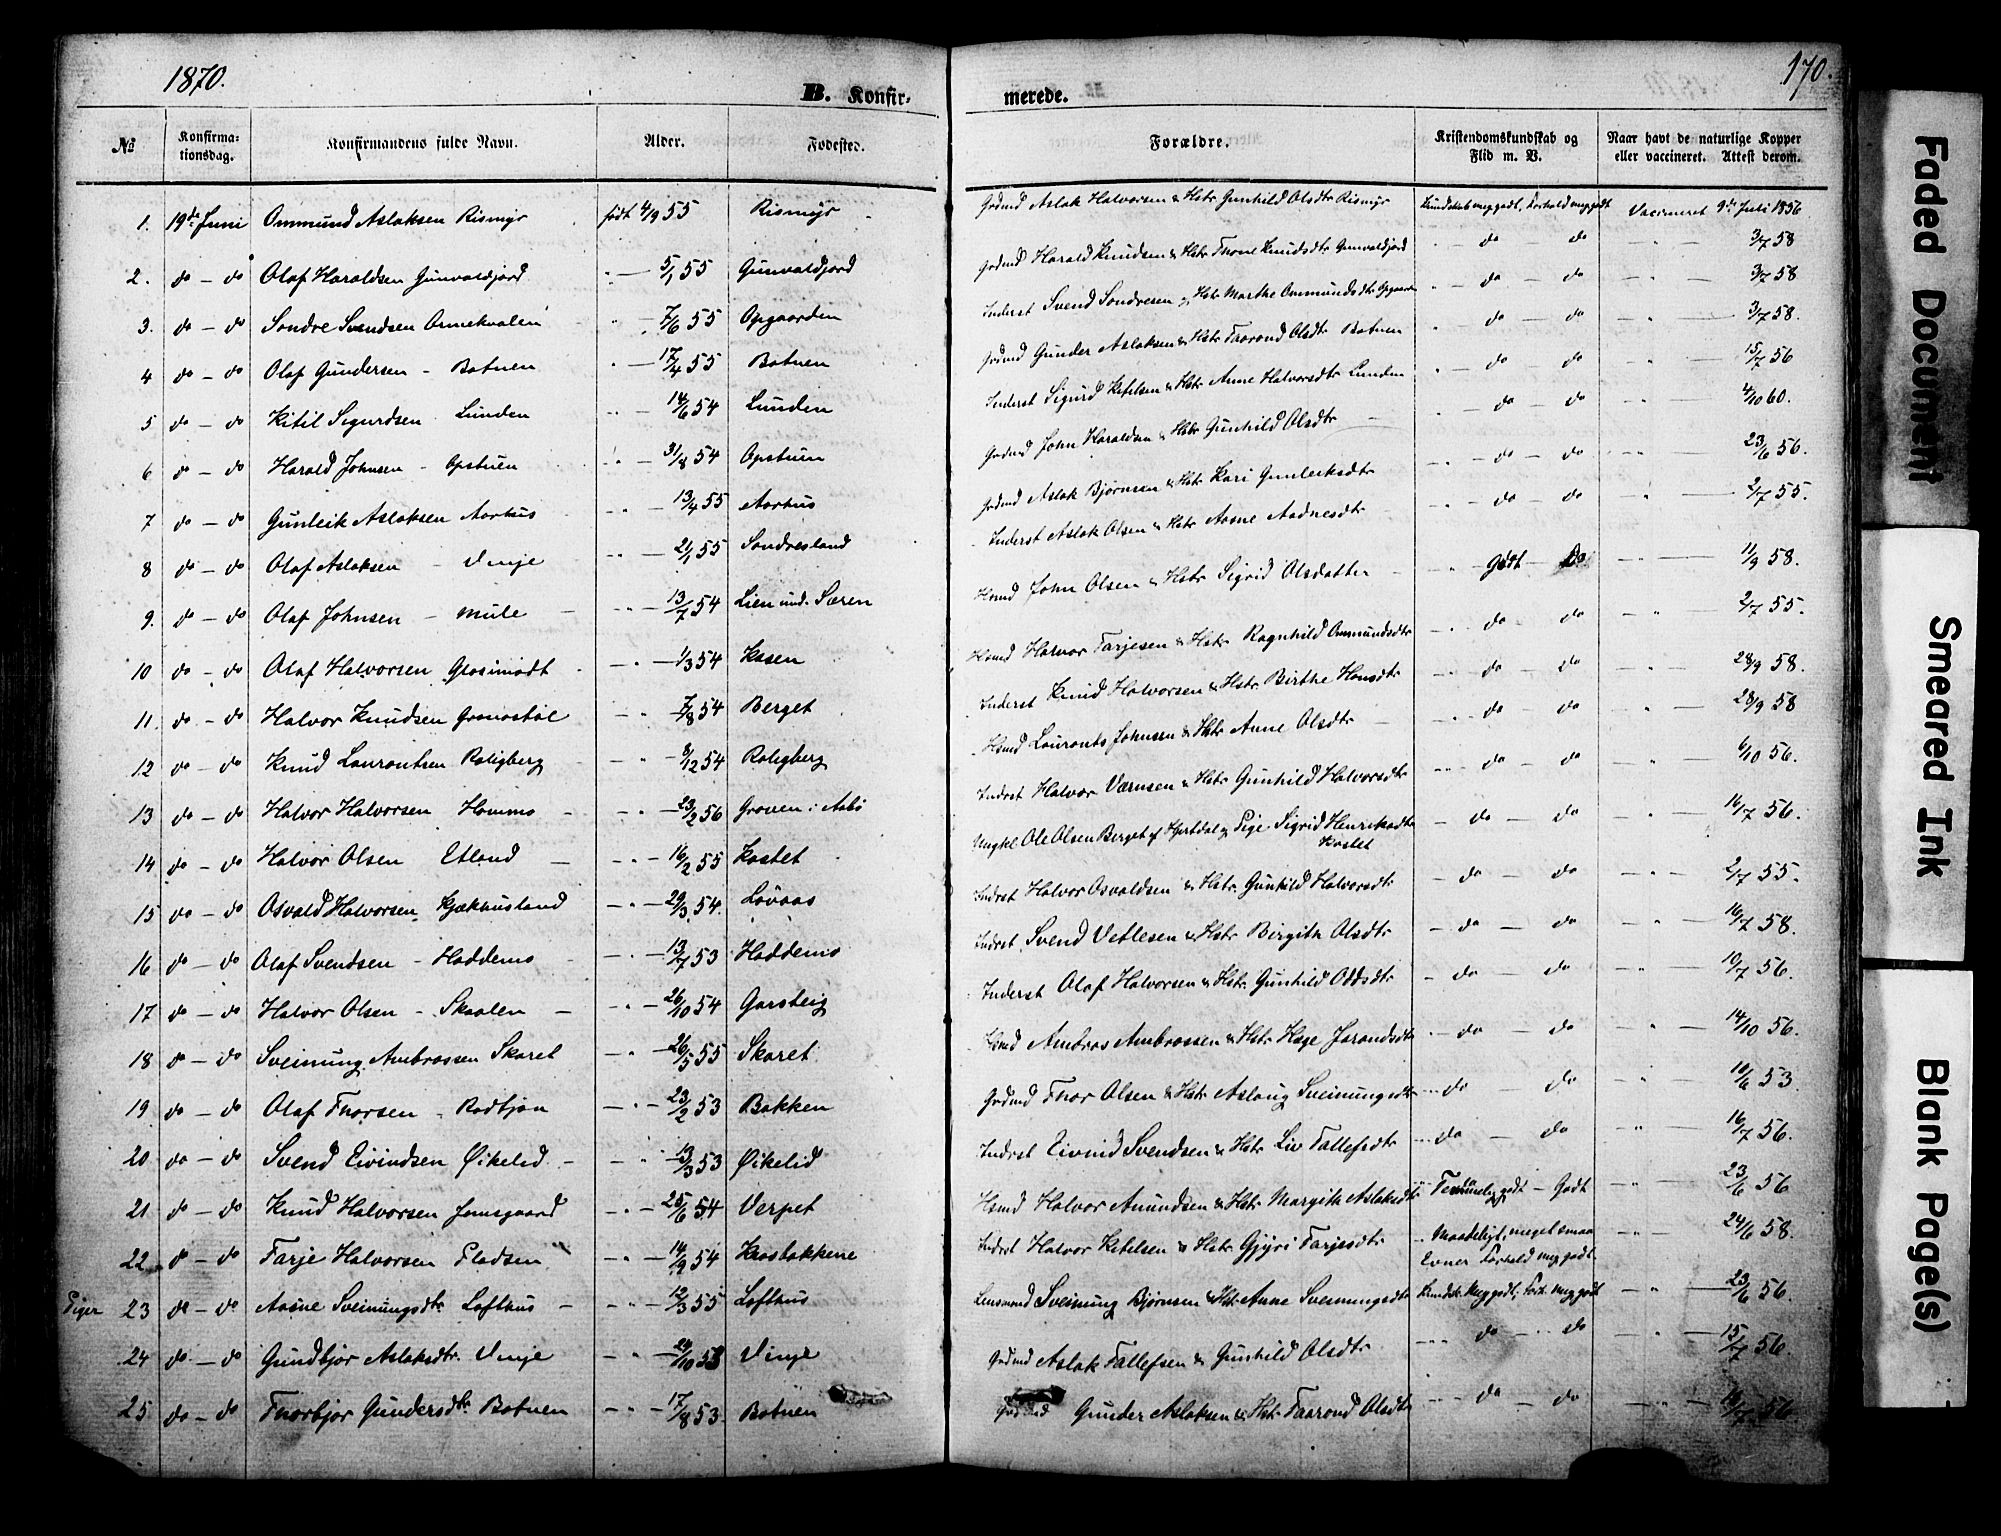 SAKO, Vinje kirkebøker, F/Fa/L0005: Ministerialbok nr. I 5, 1870-1886, s. 170